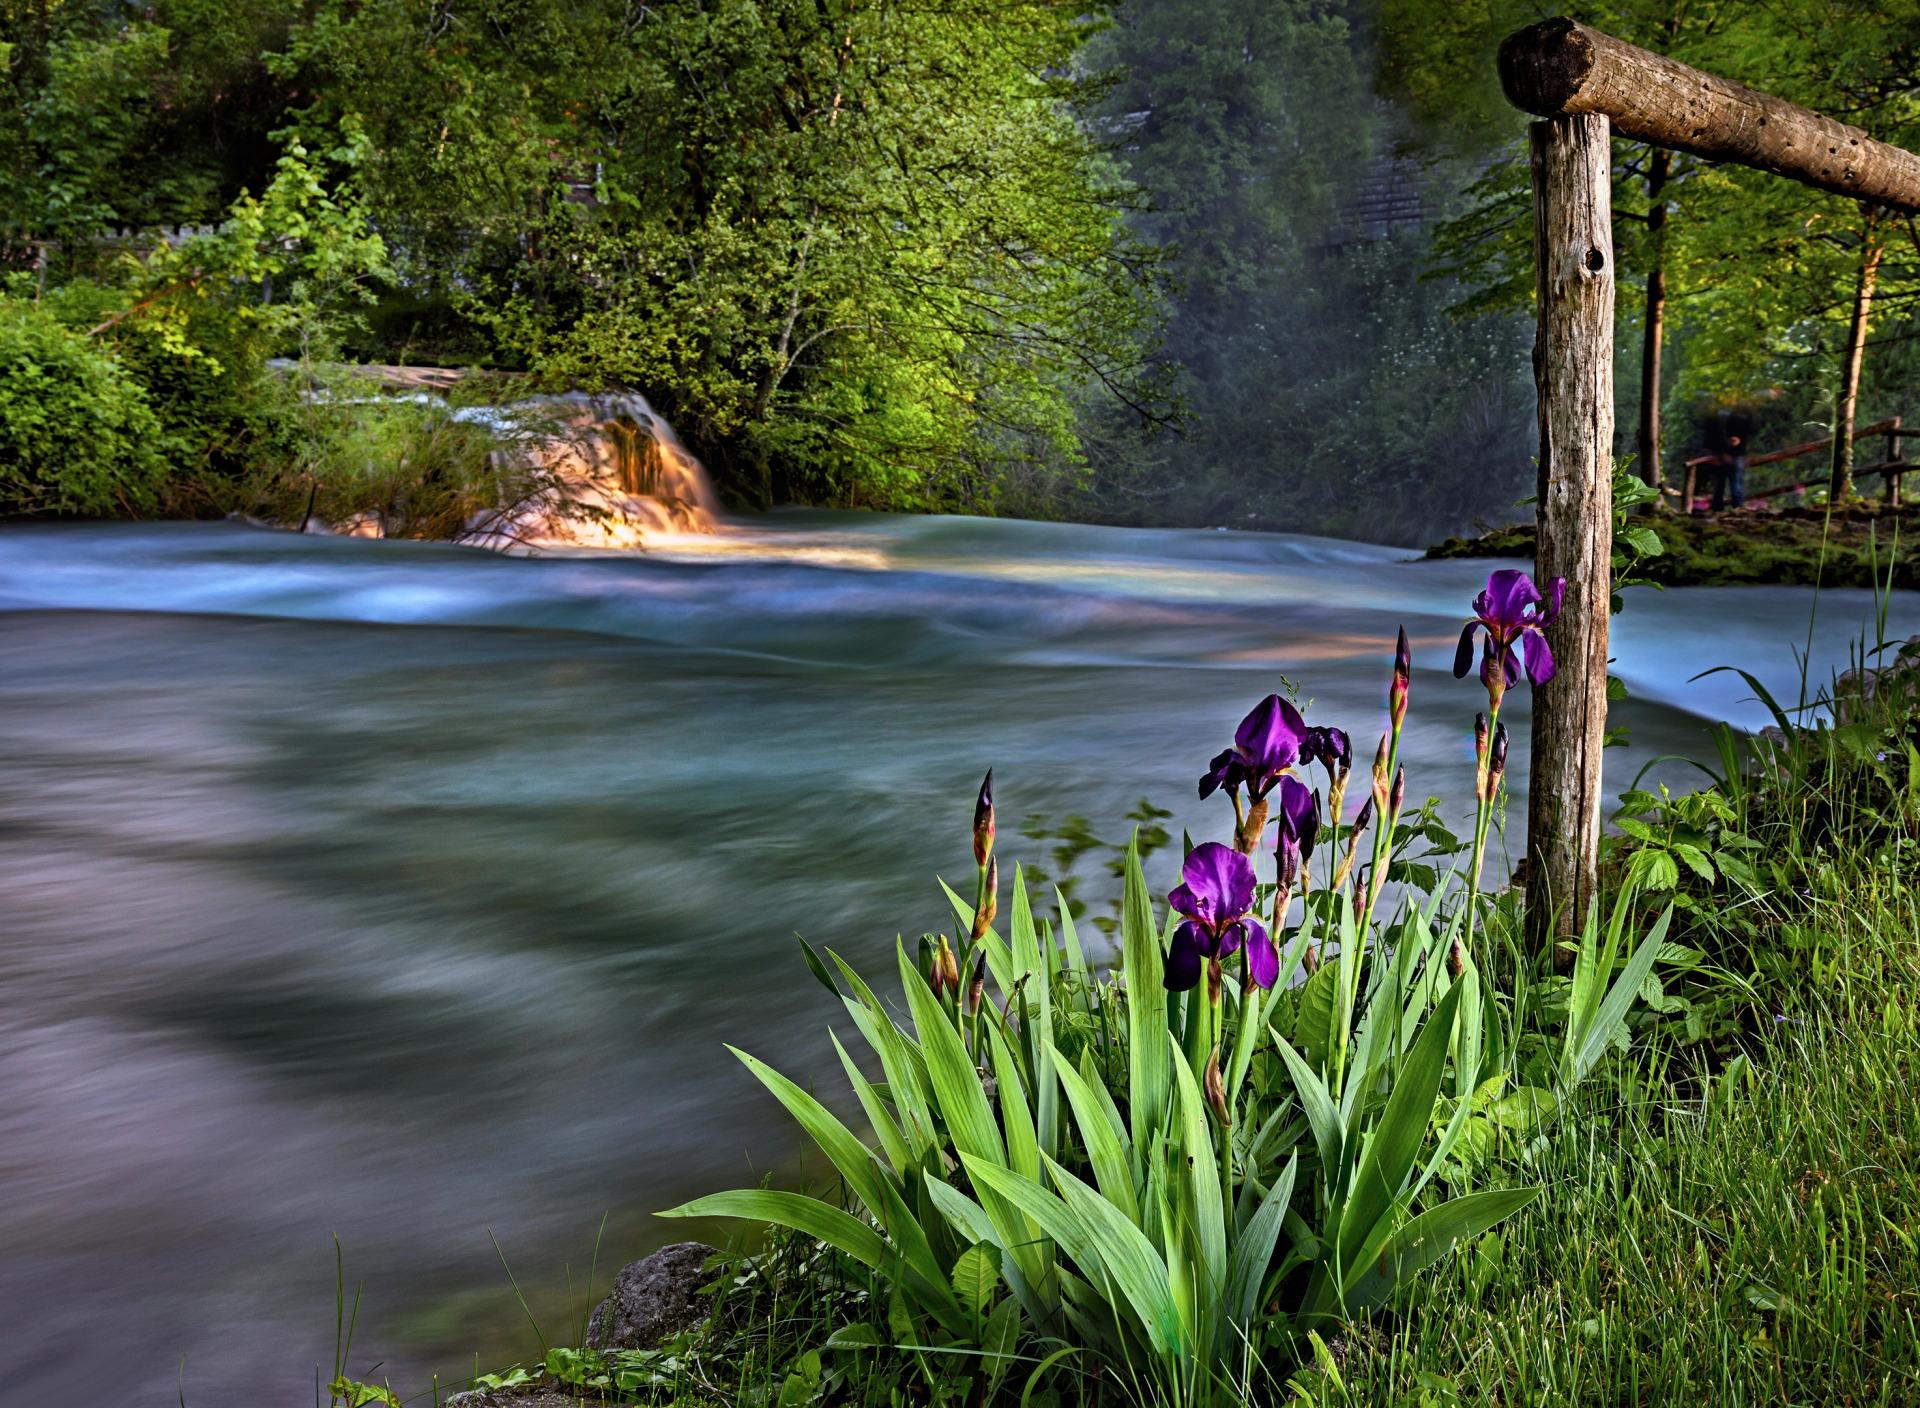 две картинки деревья цветы трава вода фото